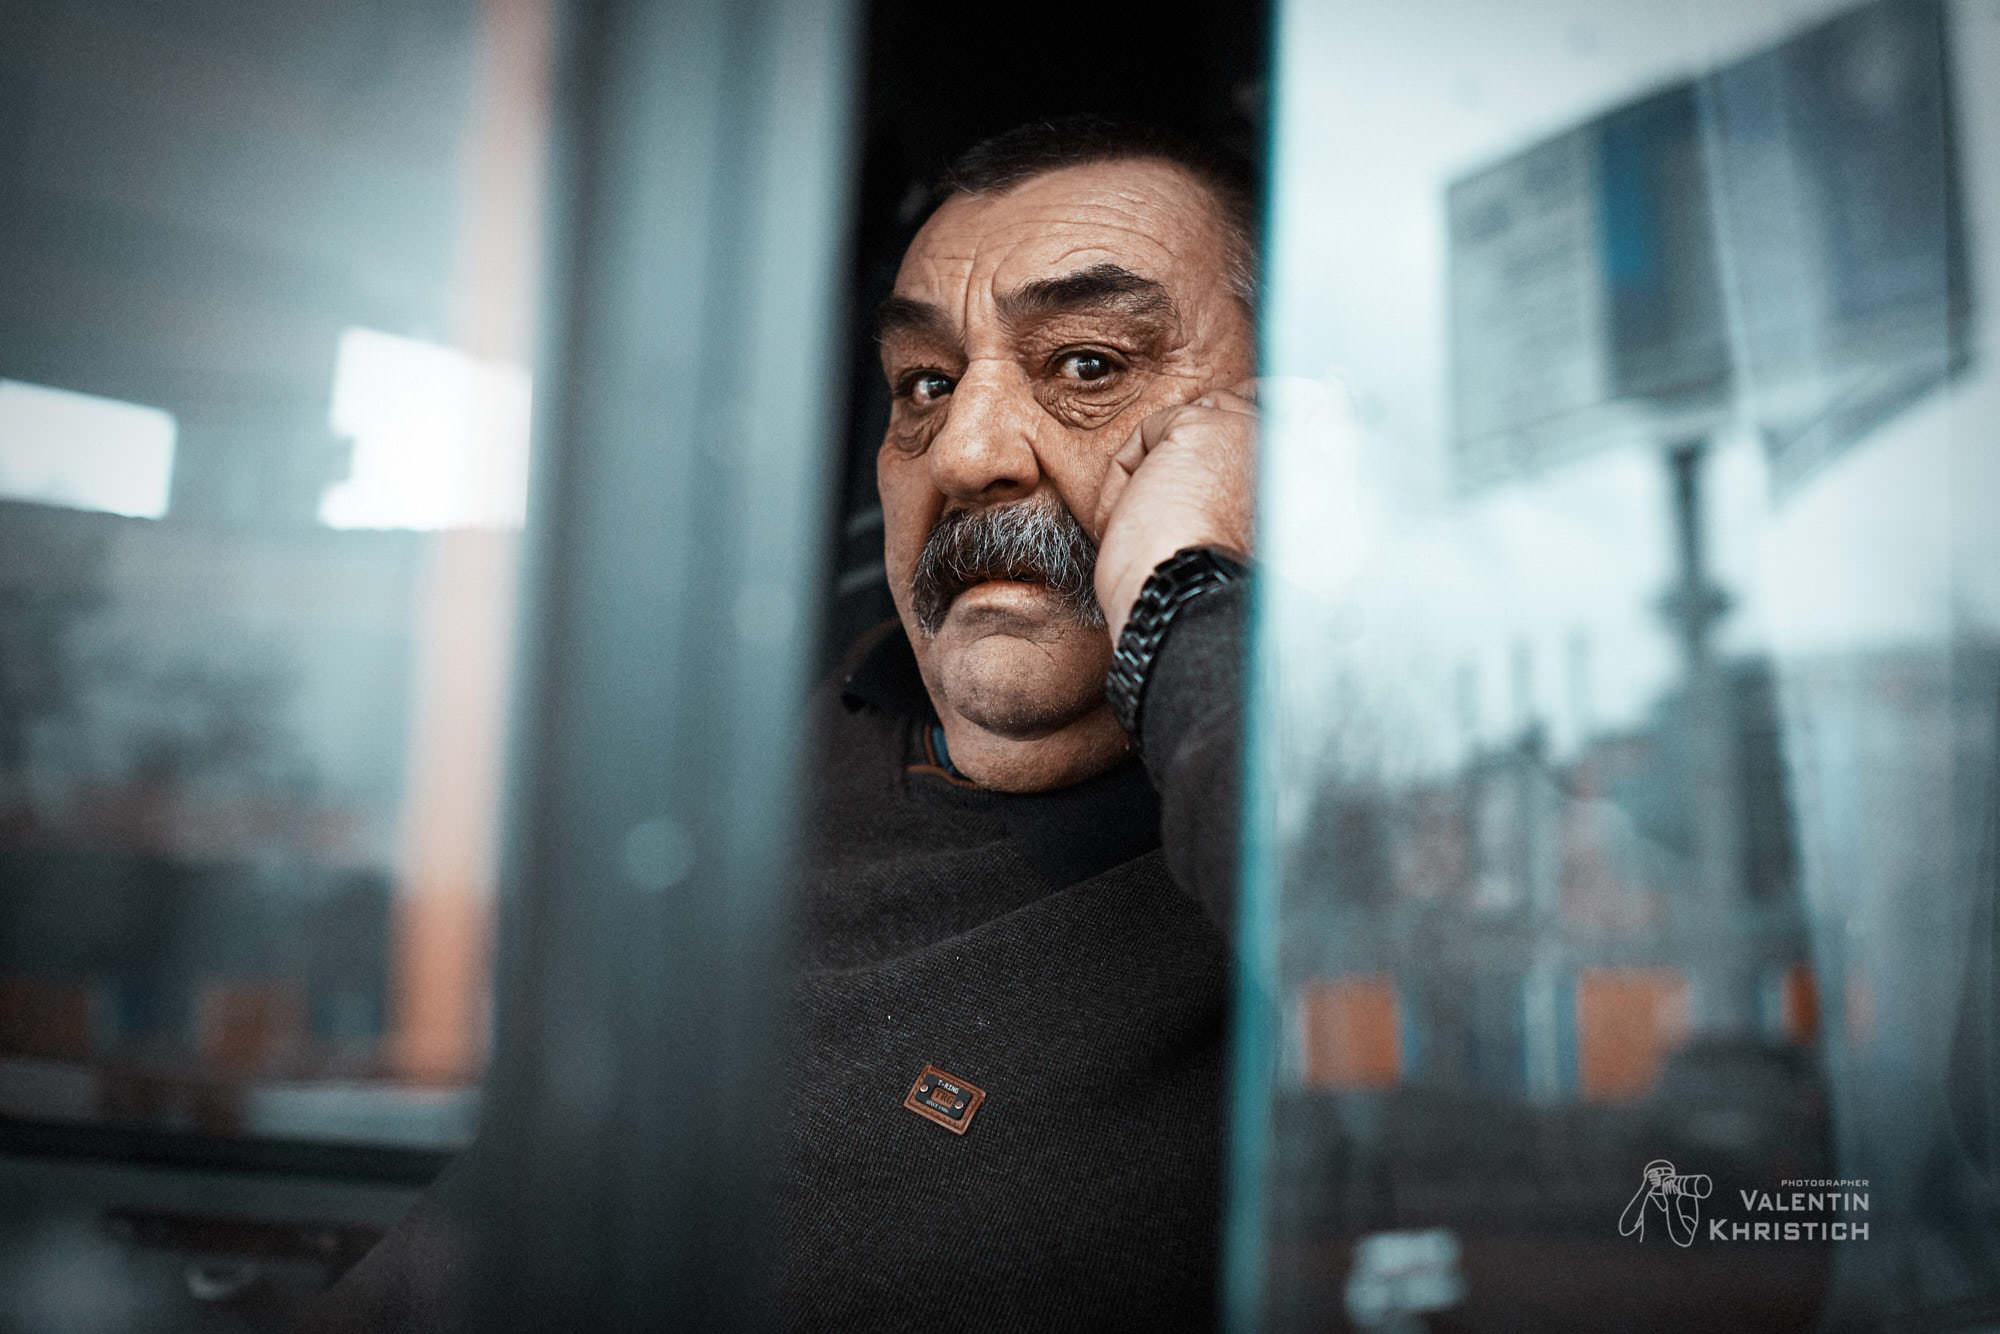 Валентин христич фотограф работа в вебчате калининск